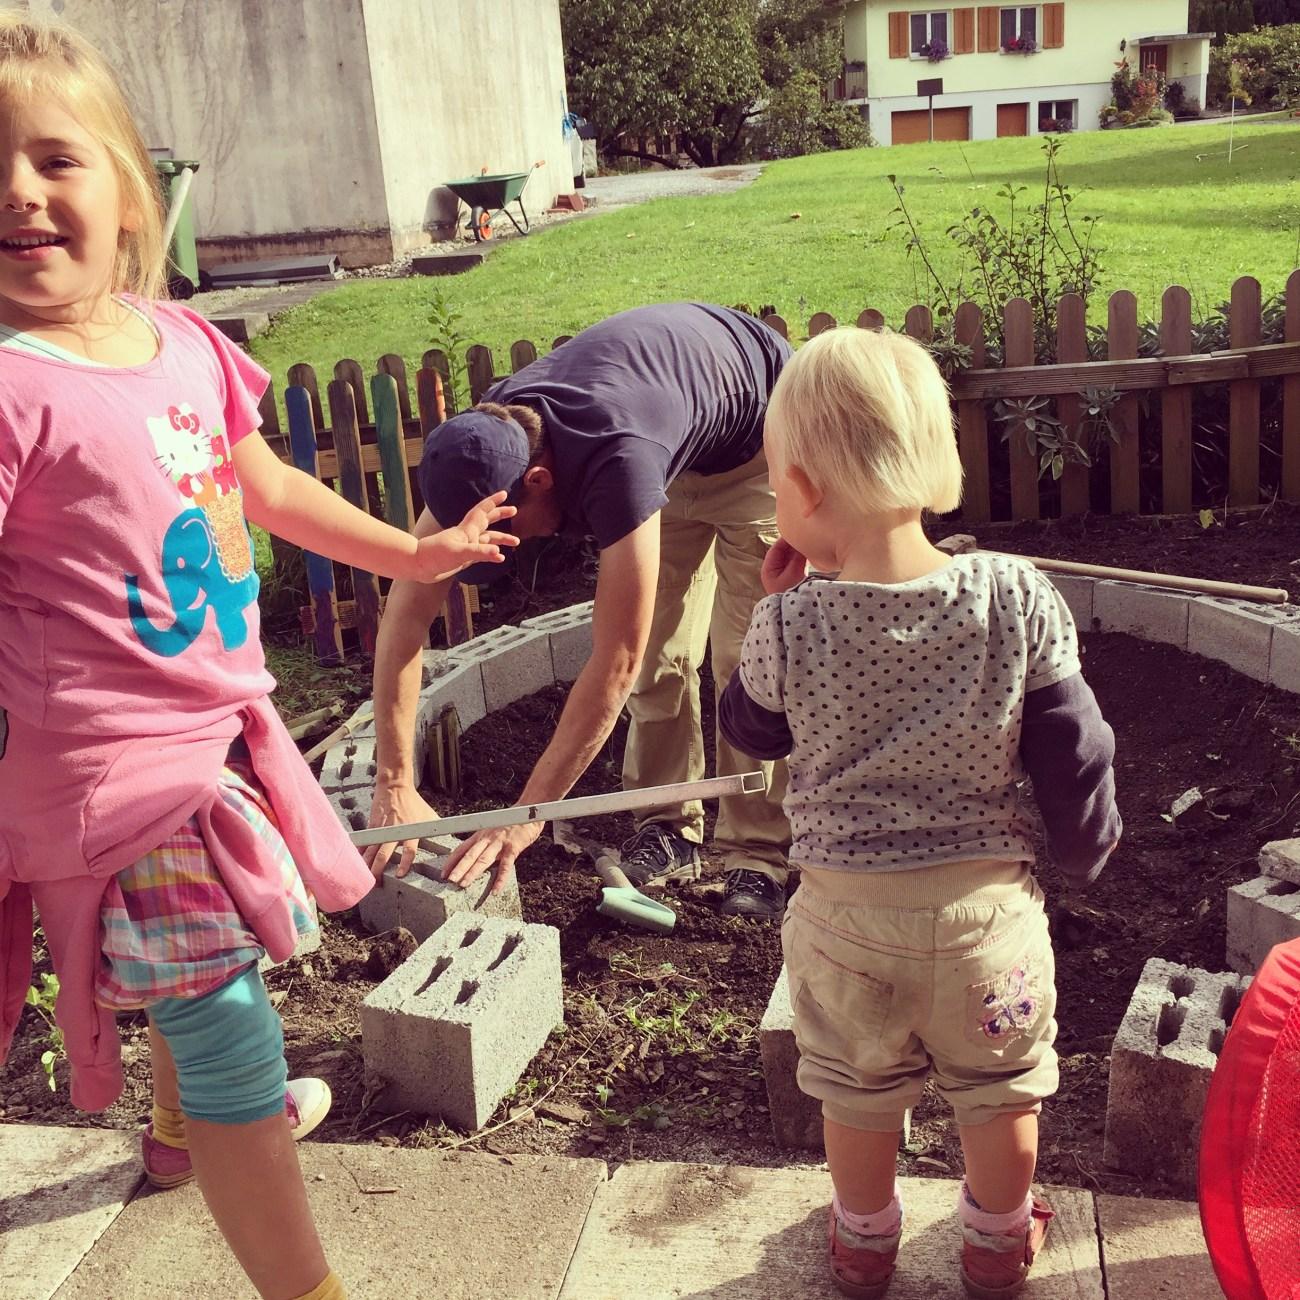 De kinderen kijken 's middags uren toen hoe Floris een 'fontein' maakt.